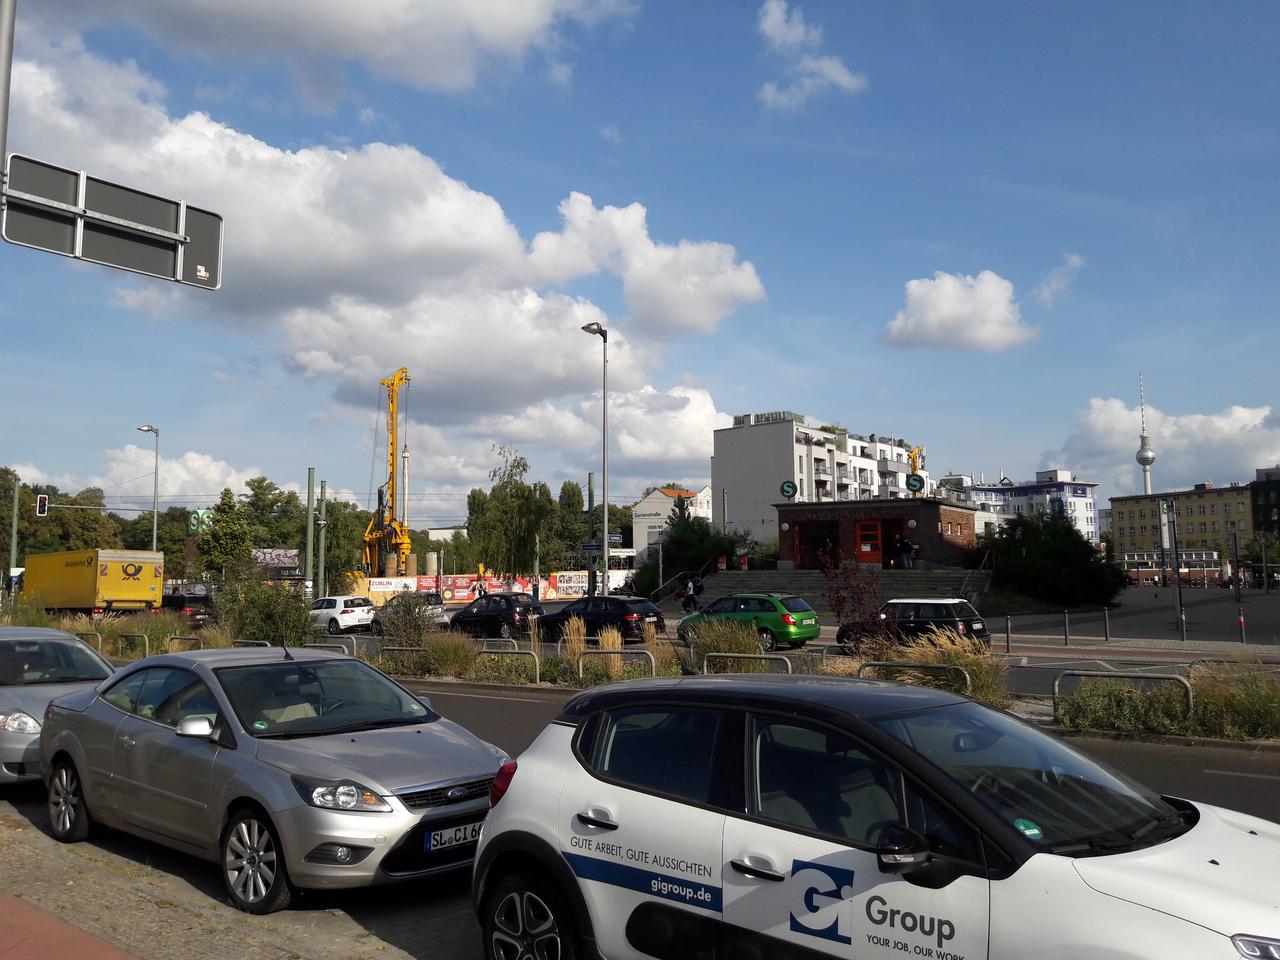 nordbahnhof-baustelle1hd1a.jpg